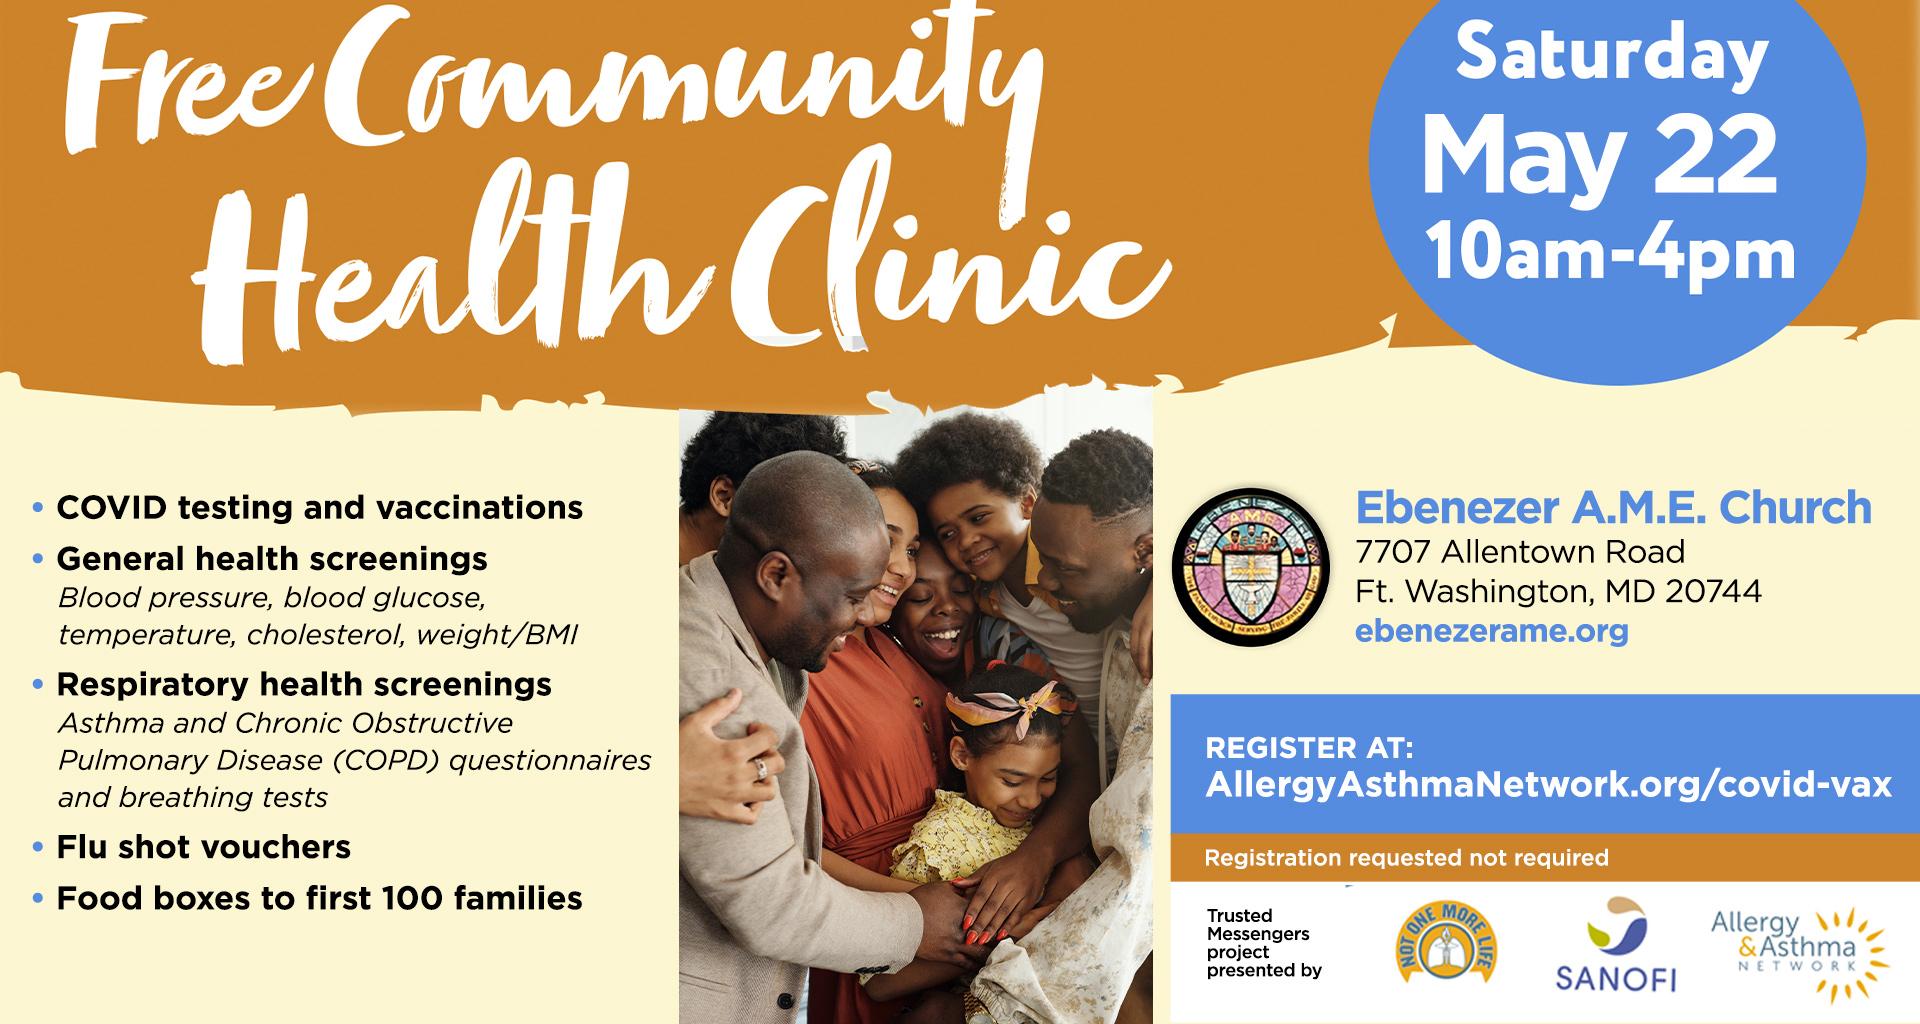 May 22 Community Health Clinic